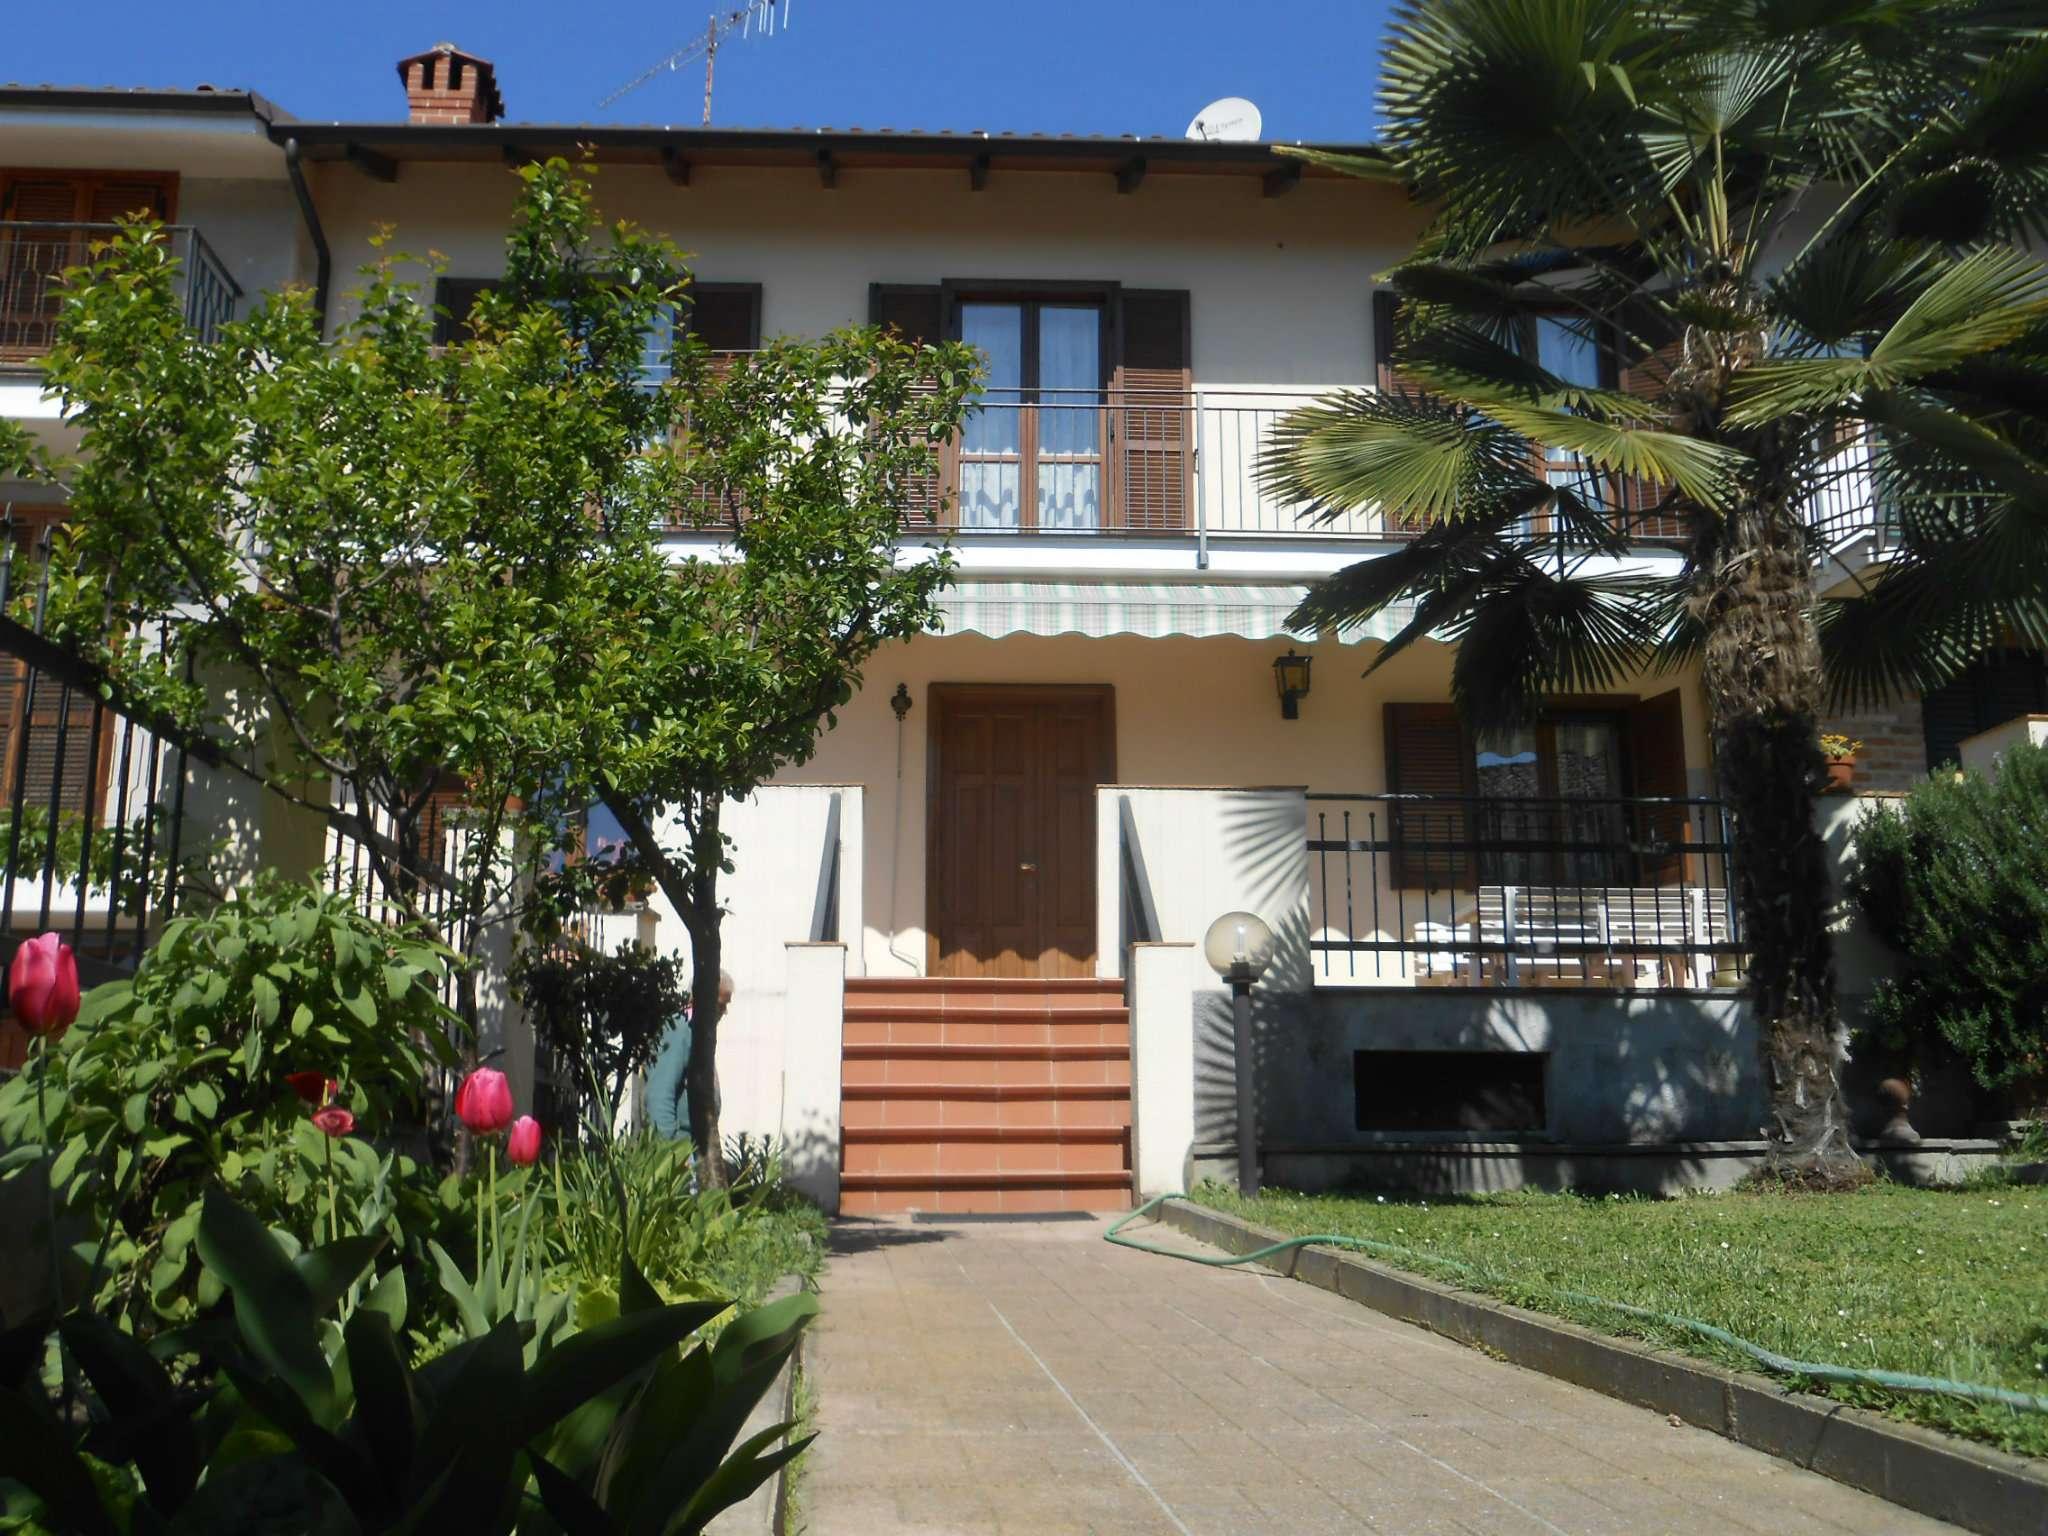 Soluzione Indipendente in vendita a Cunico, 10 locali, prezzo € 118.000 | CambioCasa.it